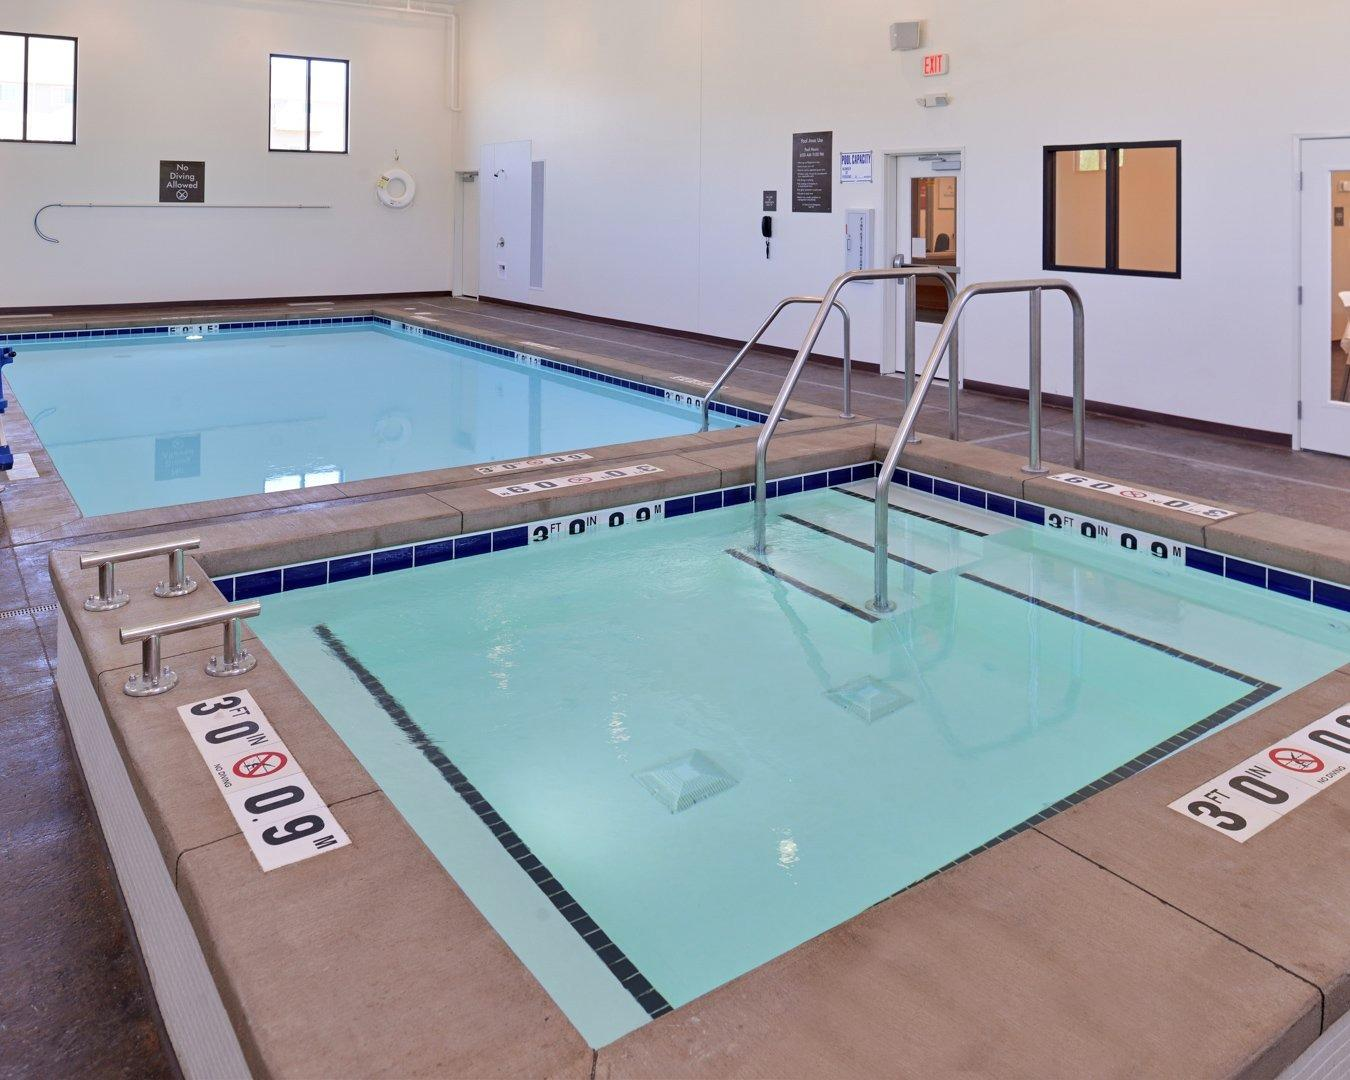 Comfort Inn & Suites Mandan - Bismarck, Mandan ND